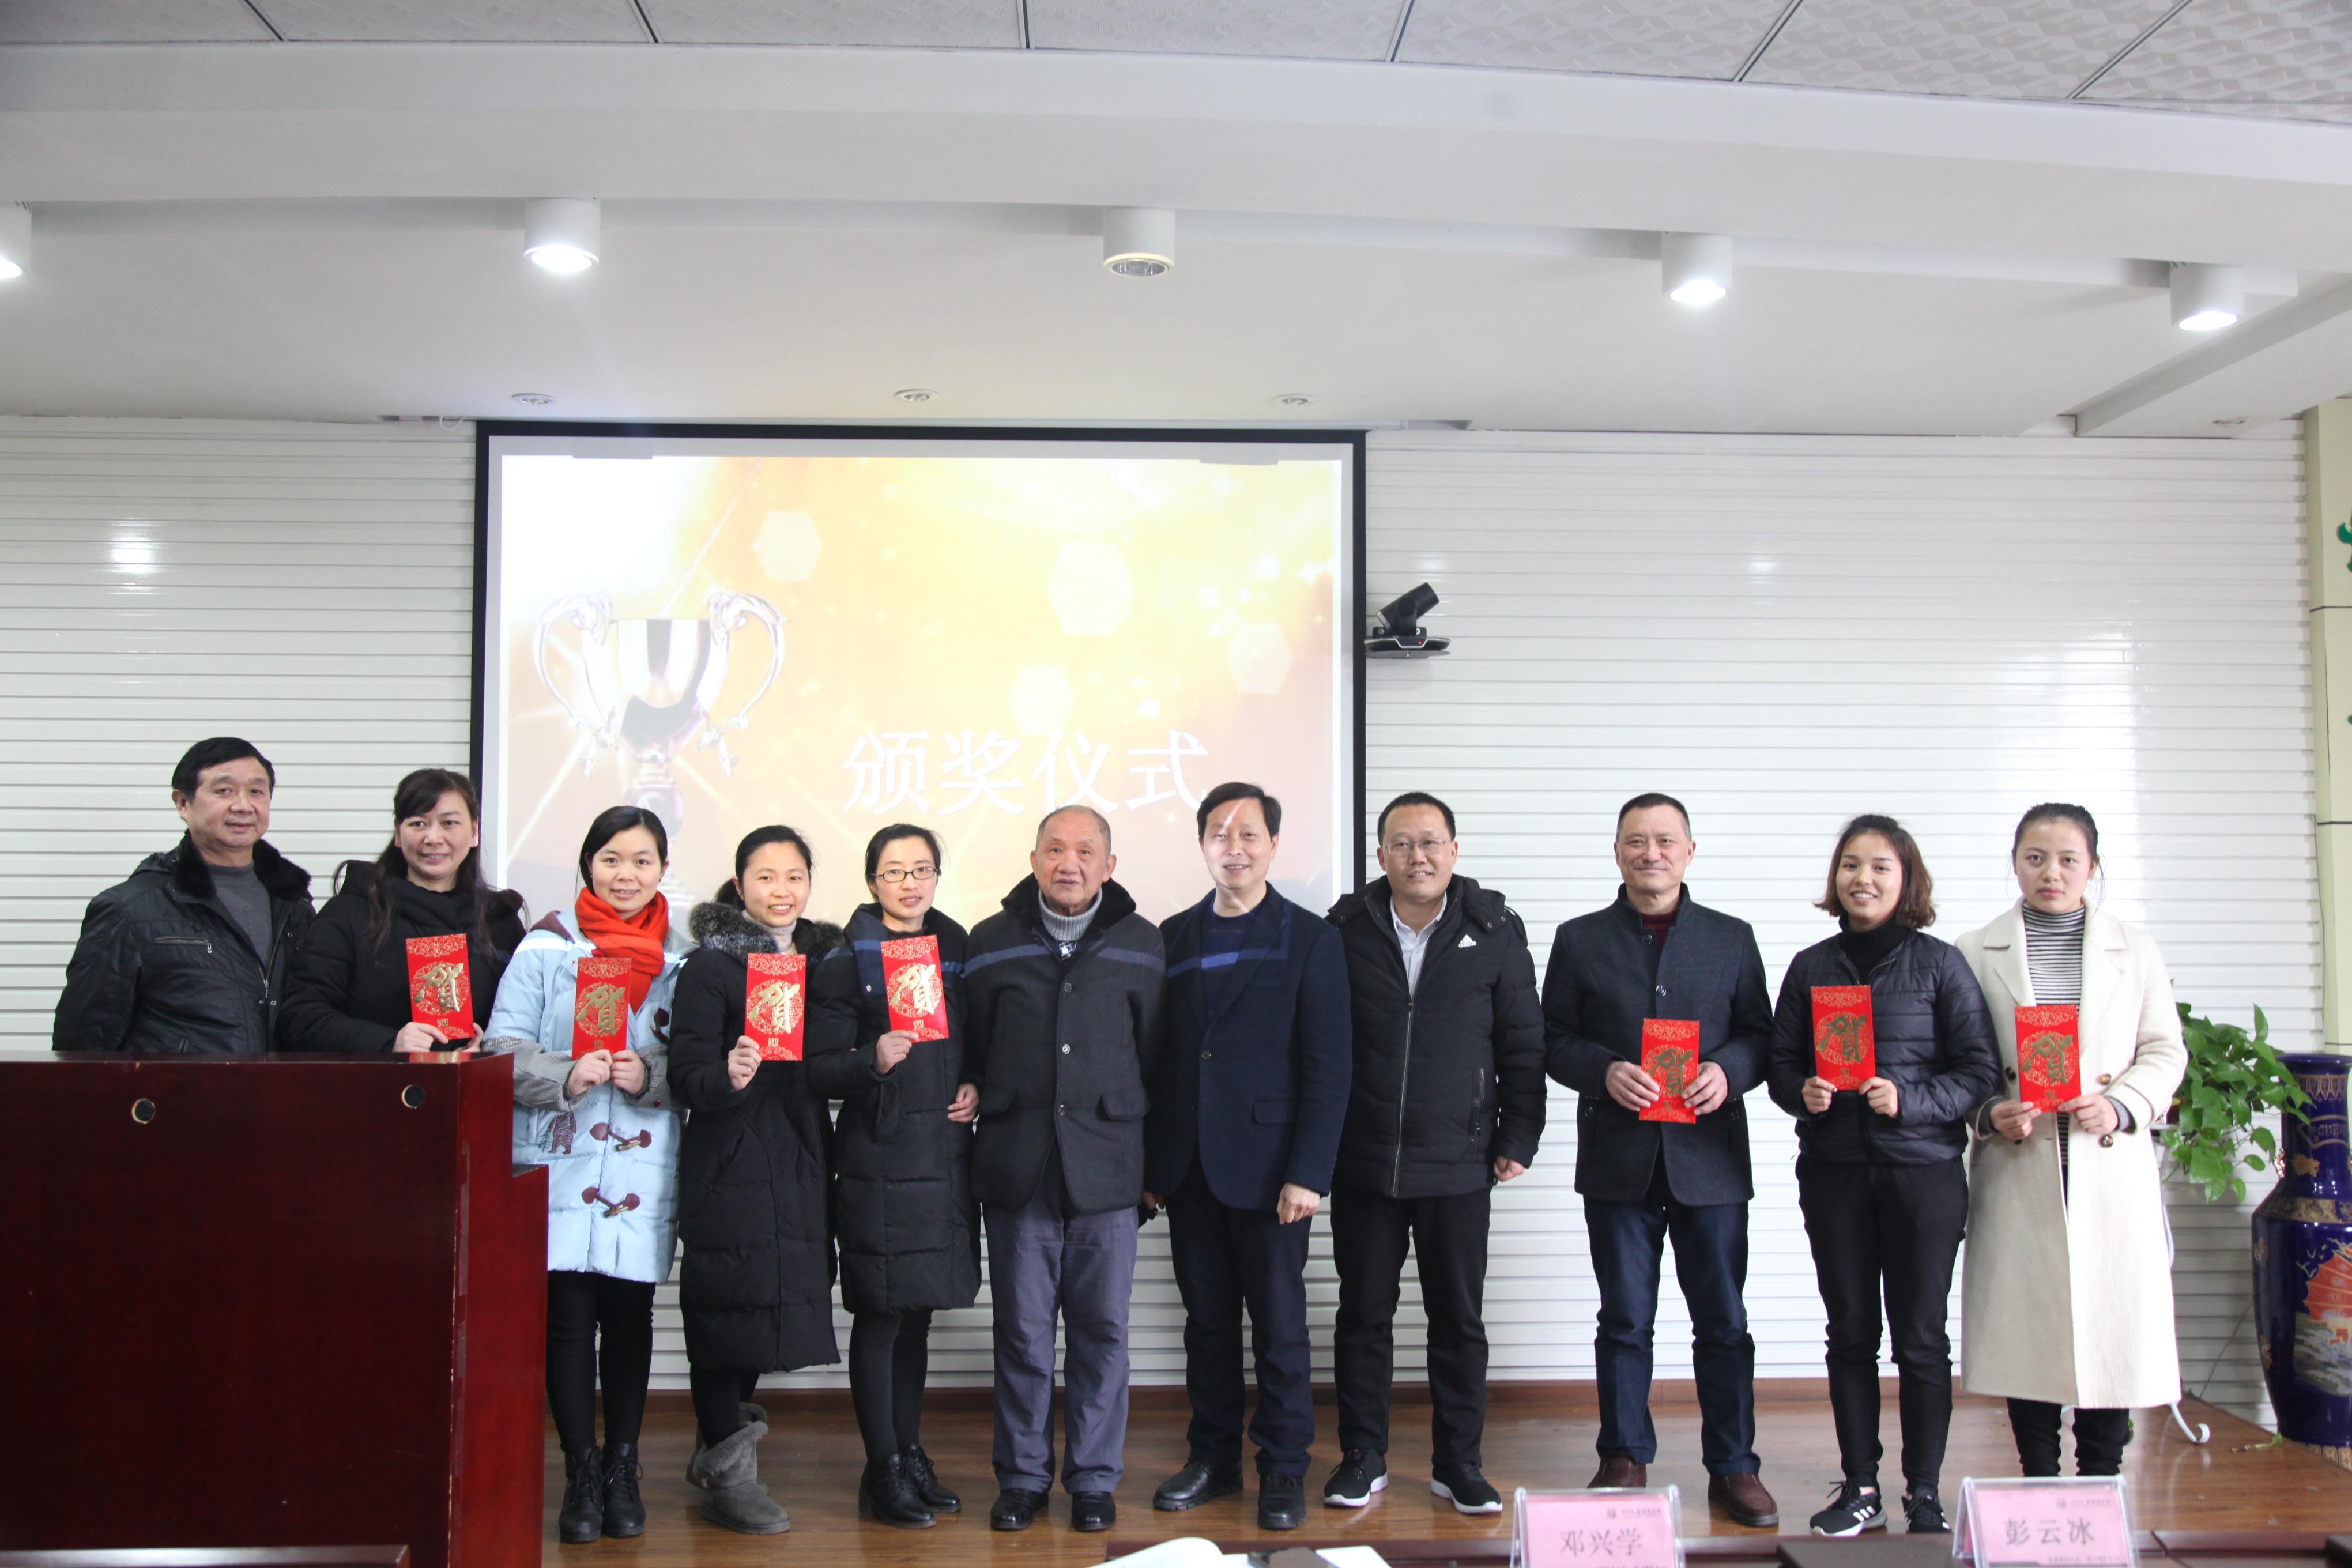 天寿健康集团举行2019年度目标责任书签订暨誓师大会